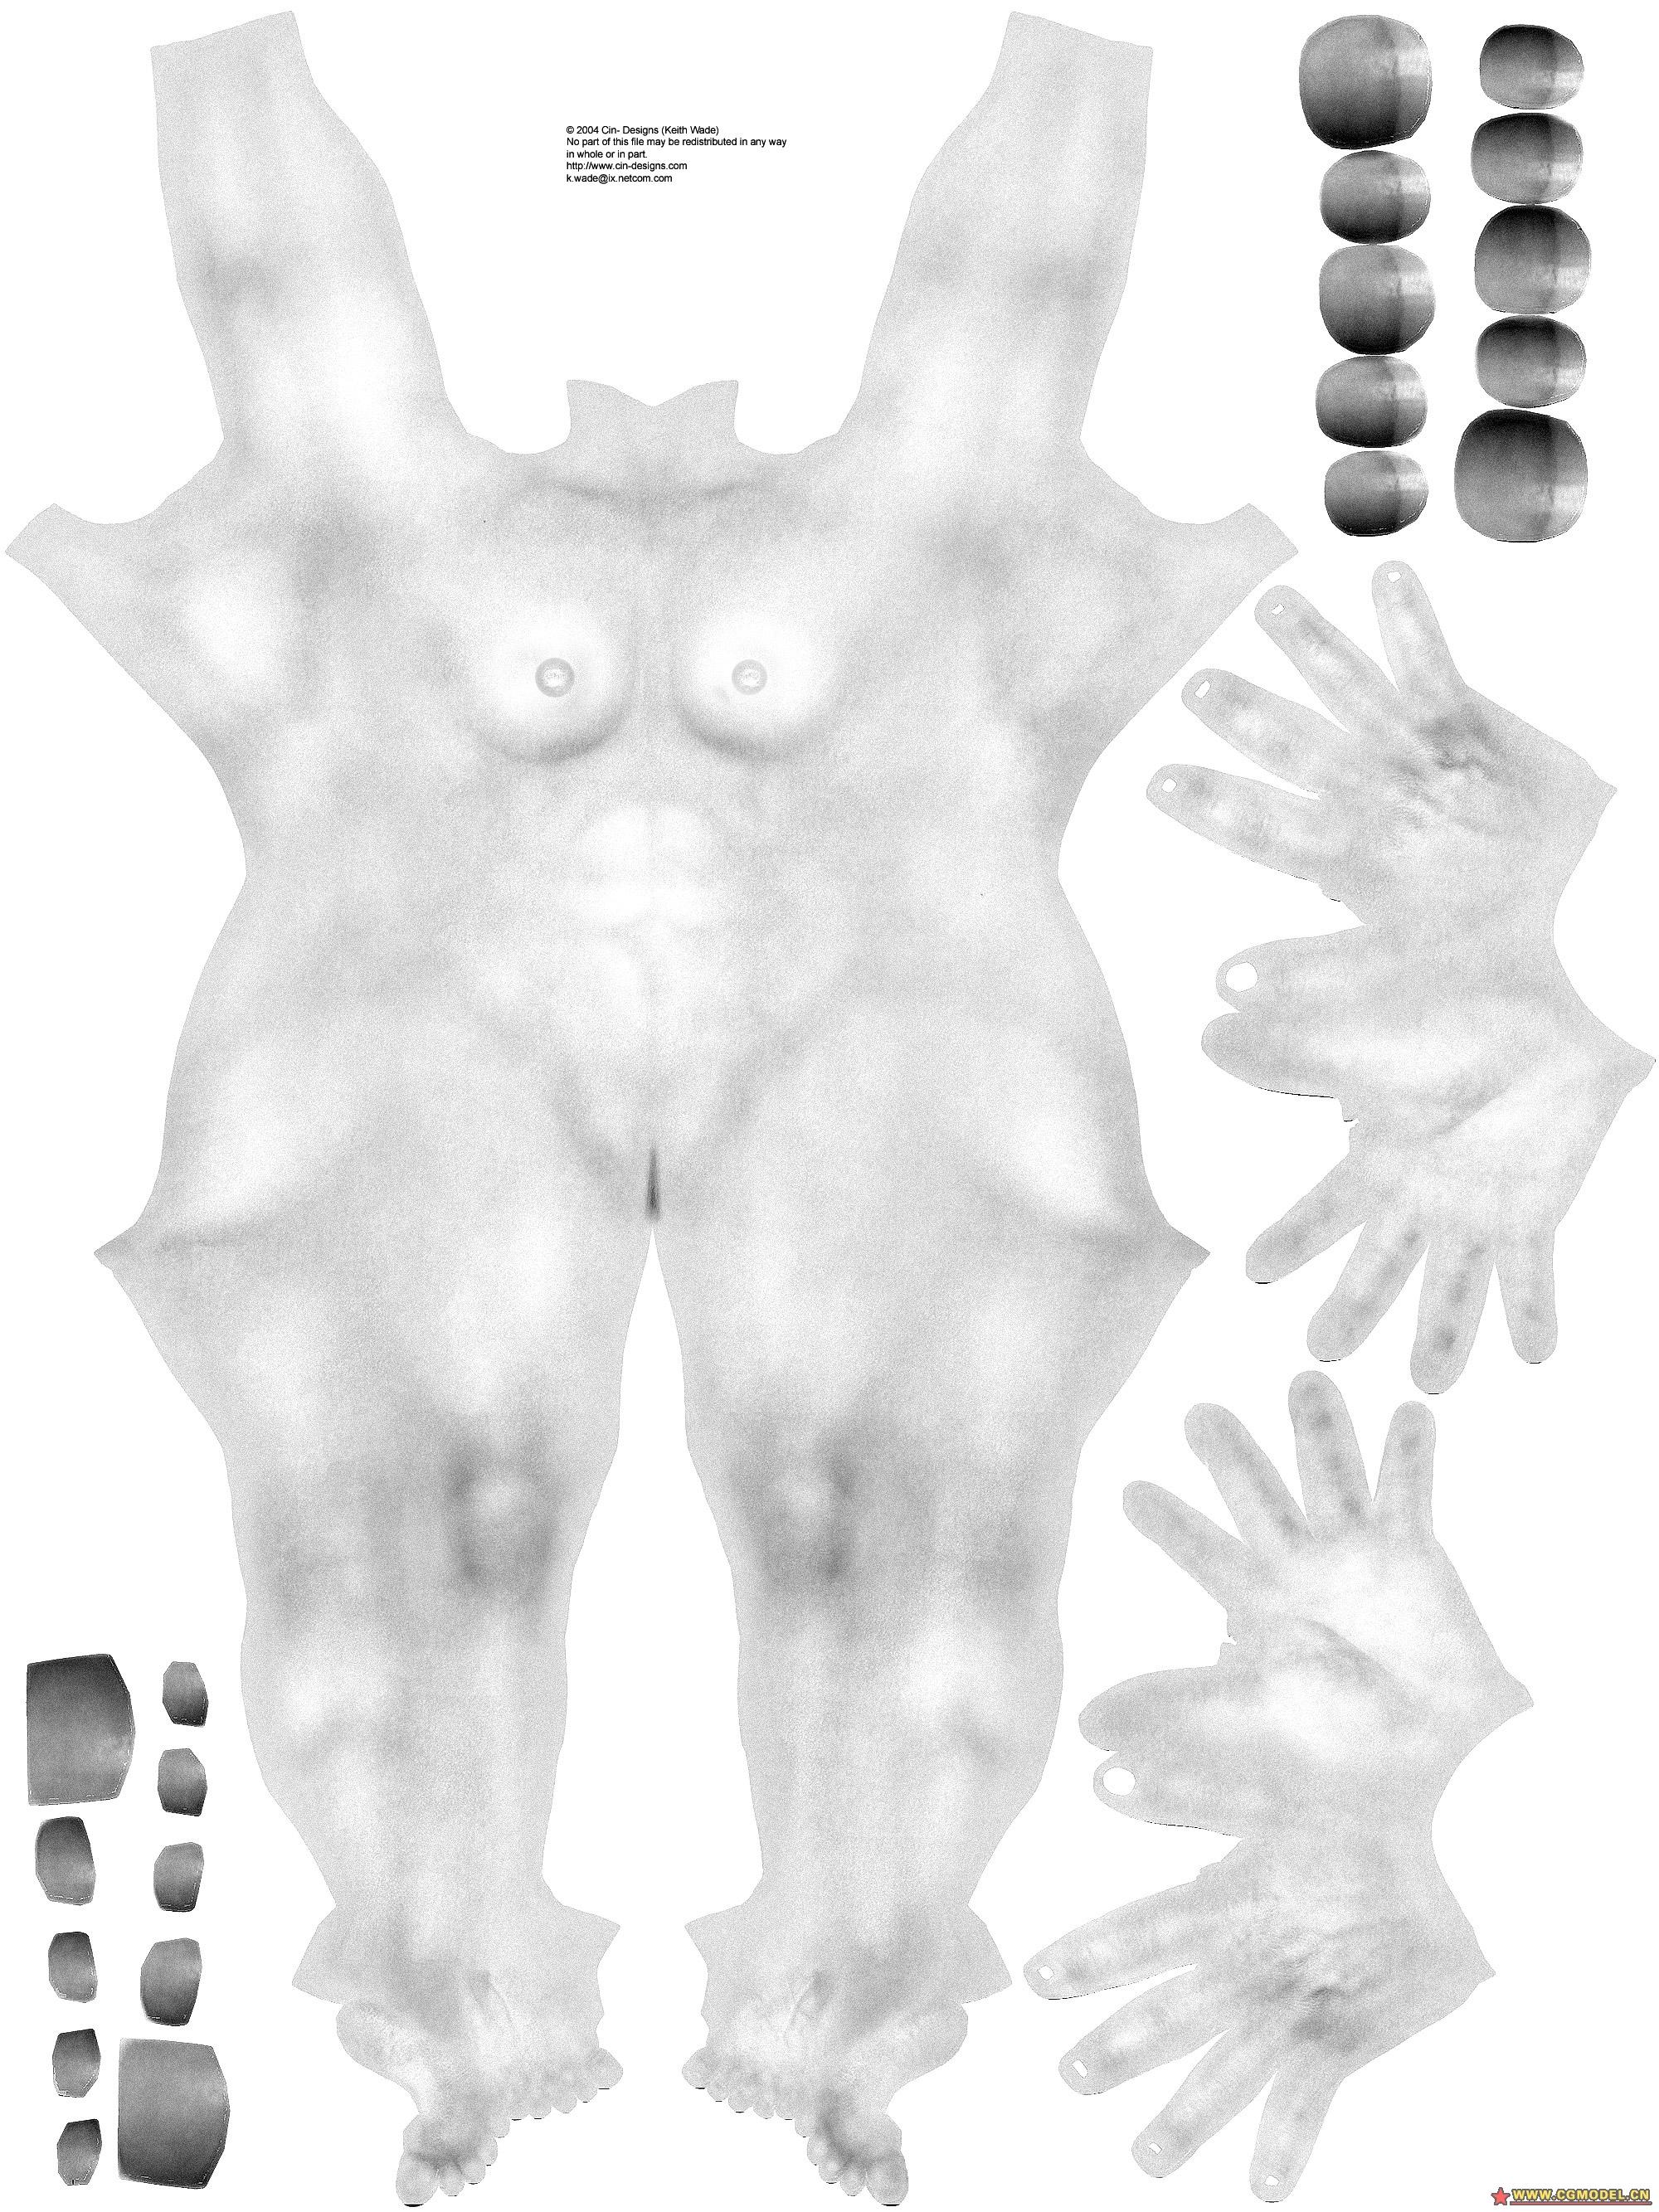 分好uv的maya材质人体贴图